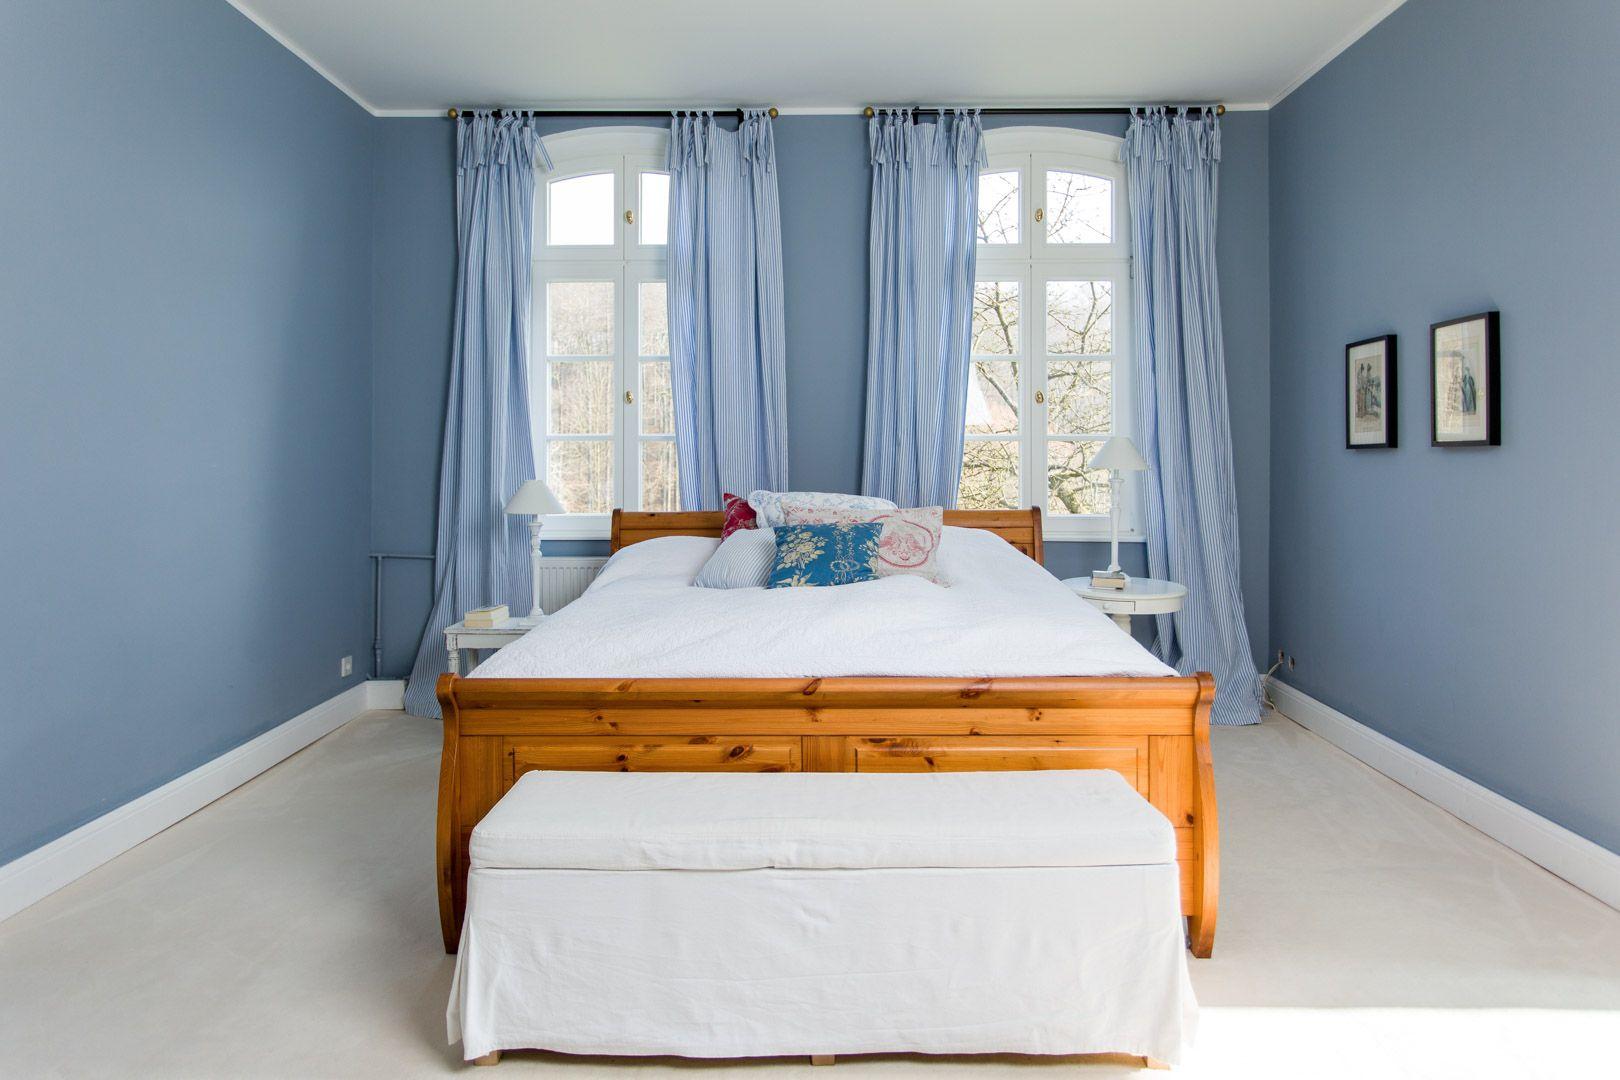 Ein Traum In Blau Mit Bildern Schöner Wohnen